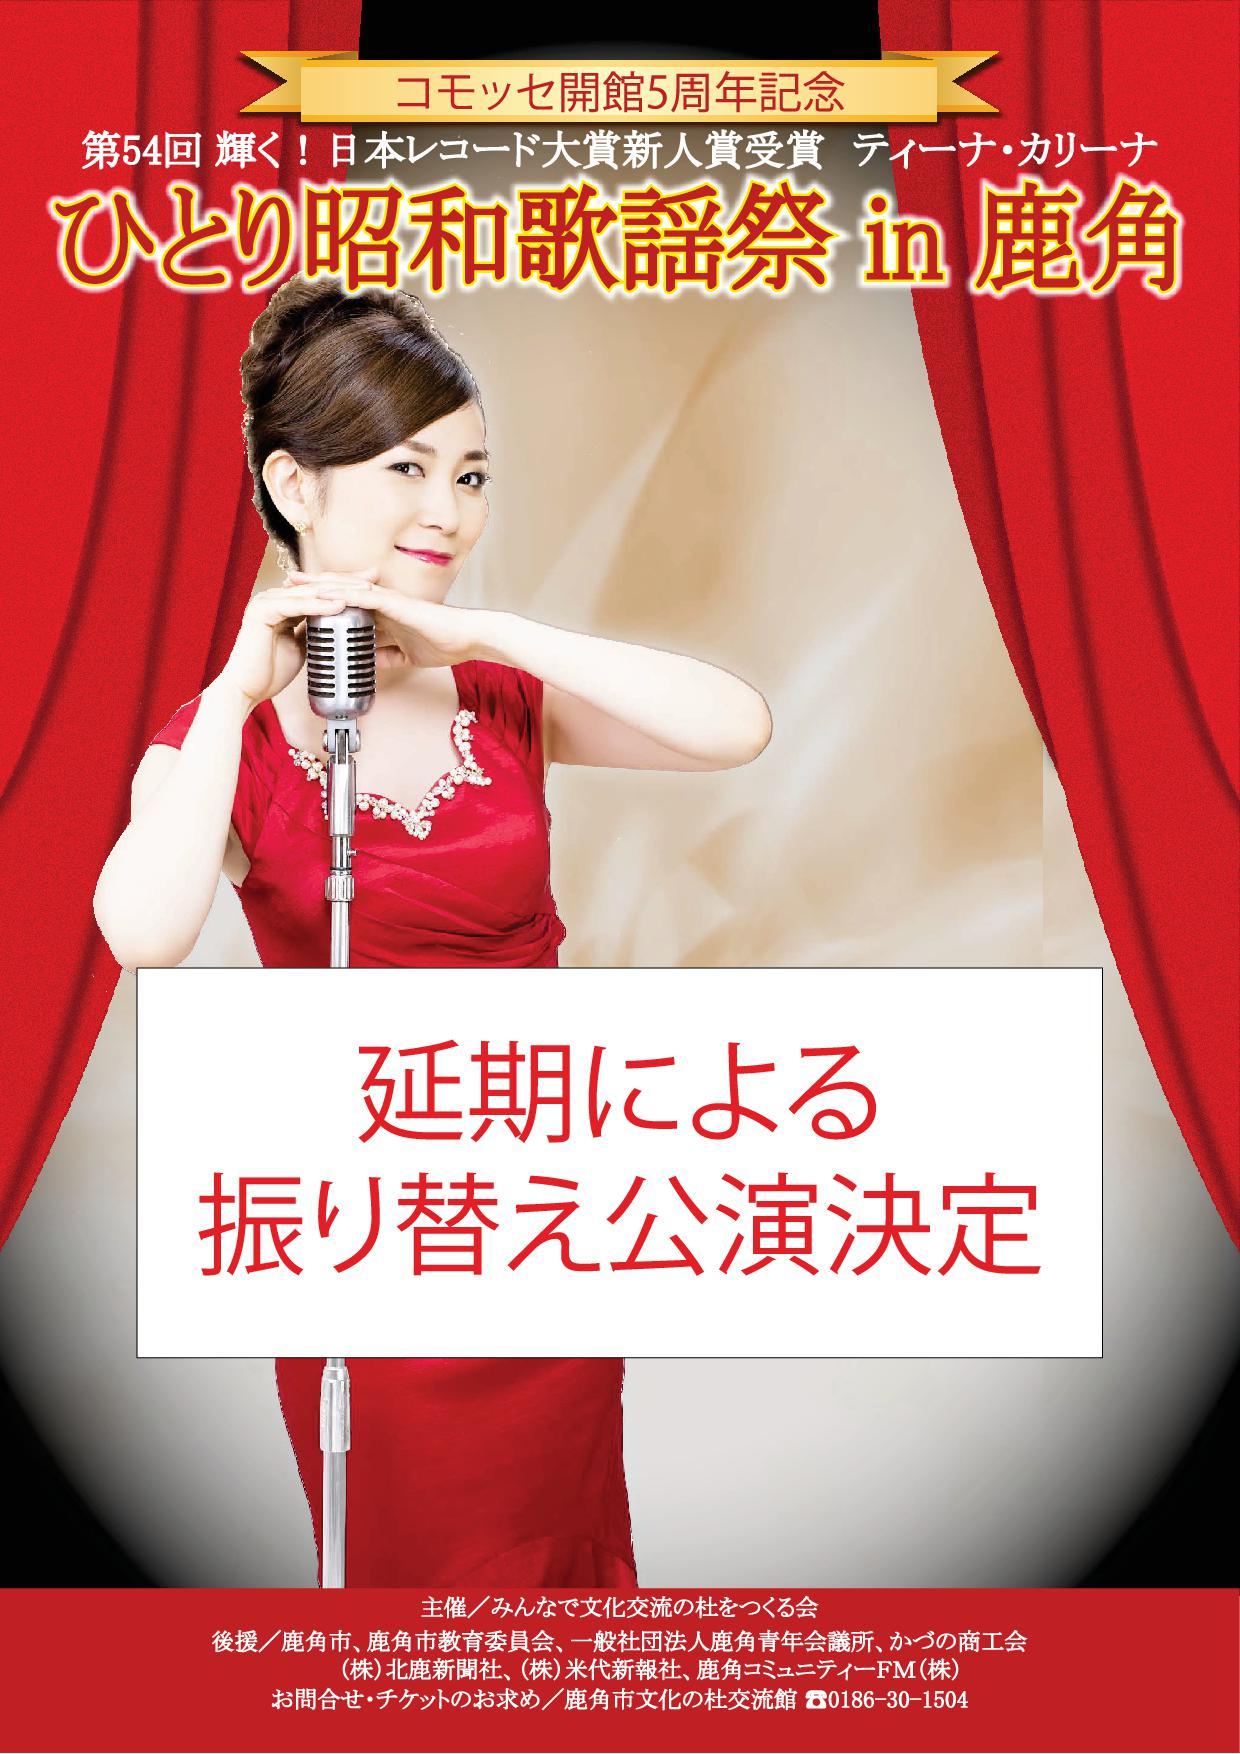 振替公演お知らせポスター